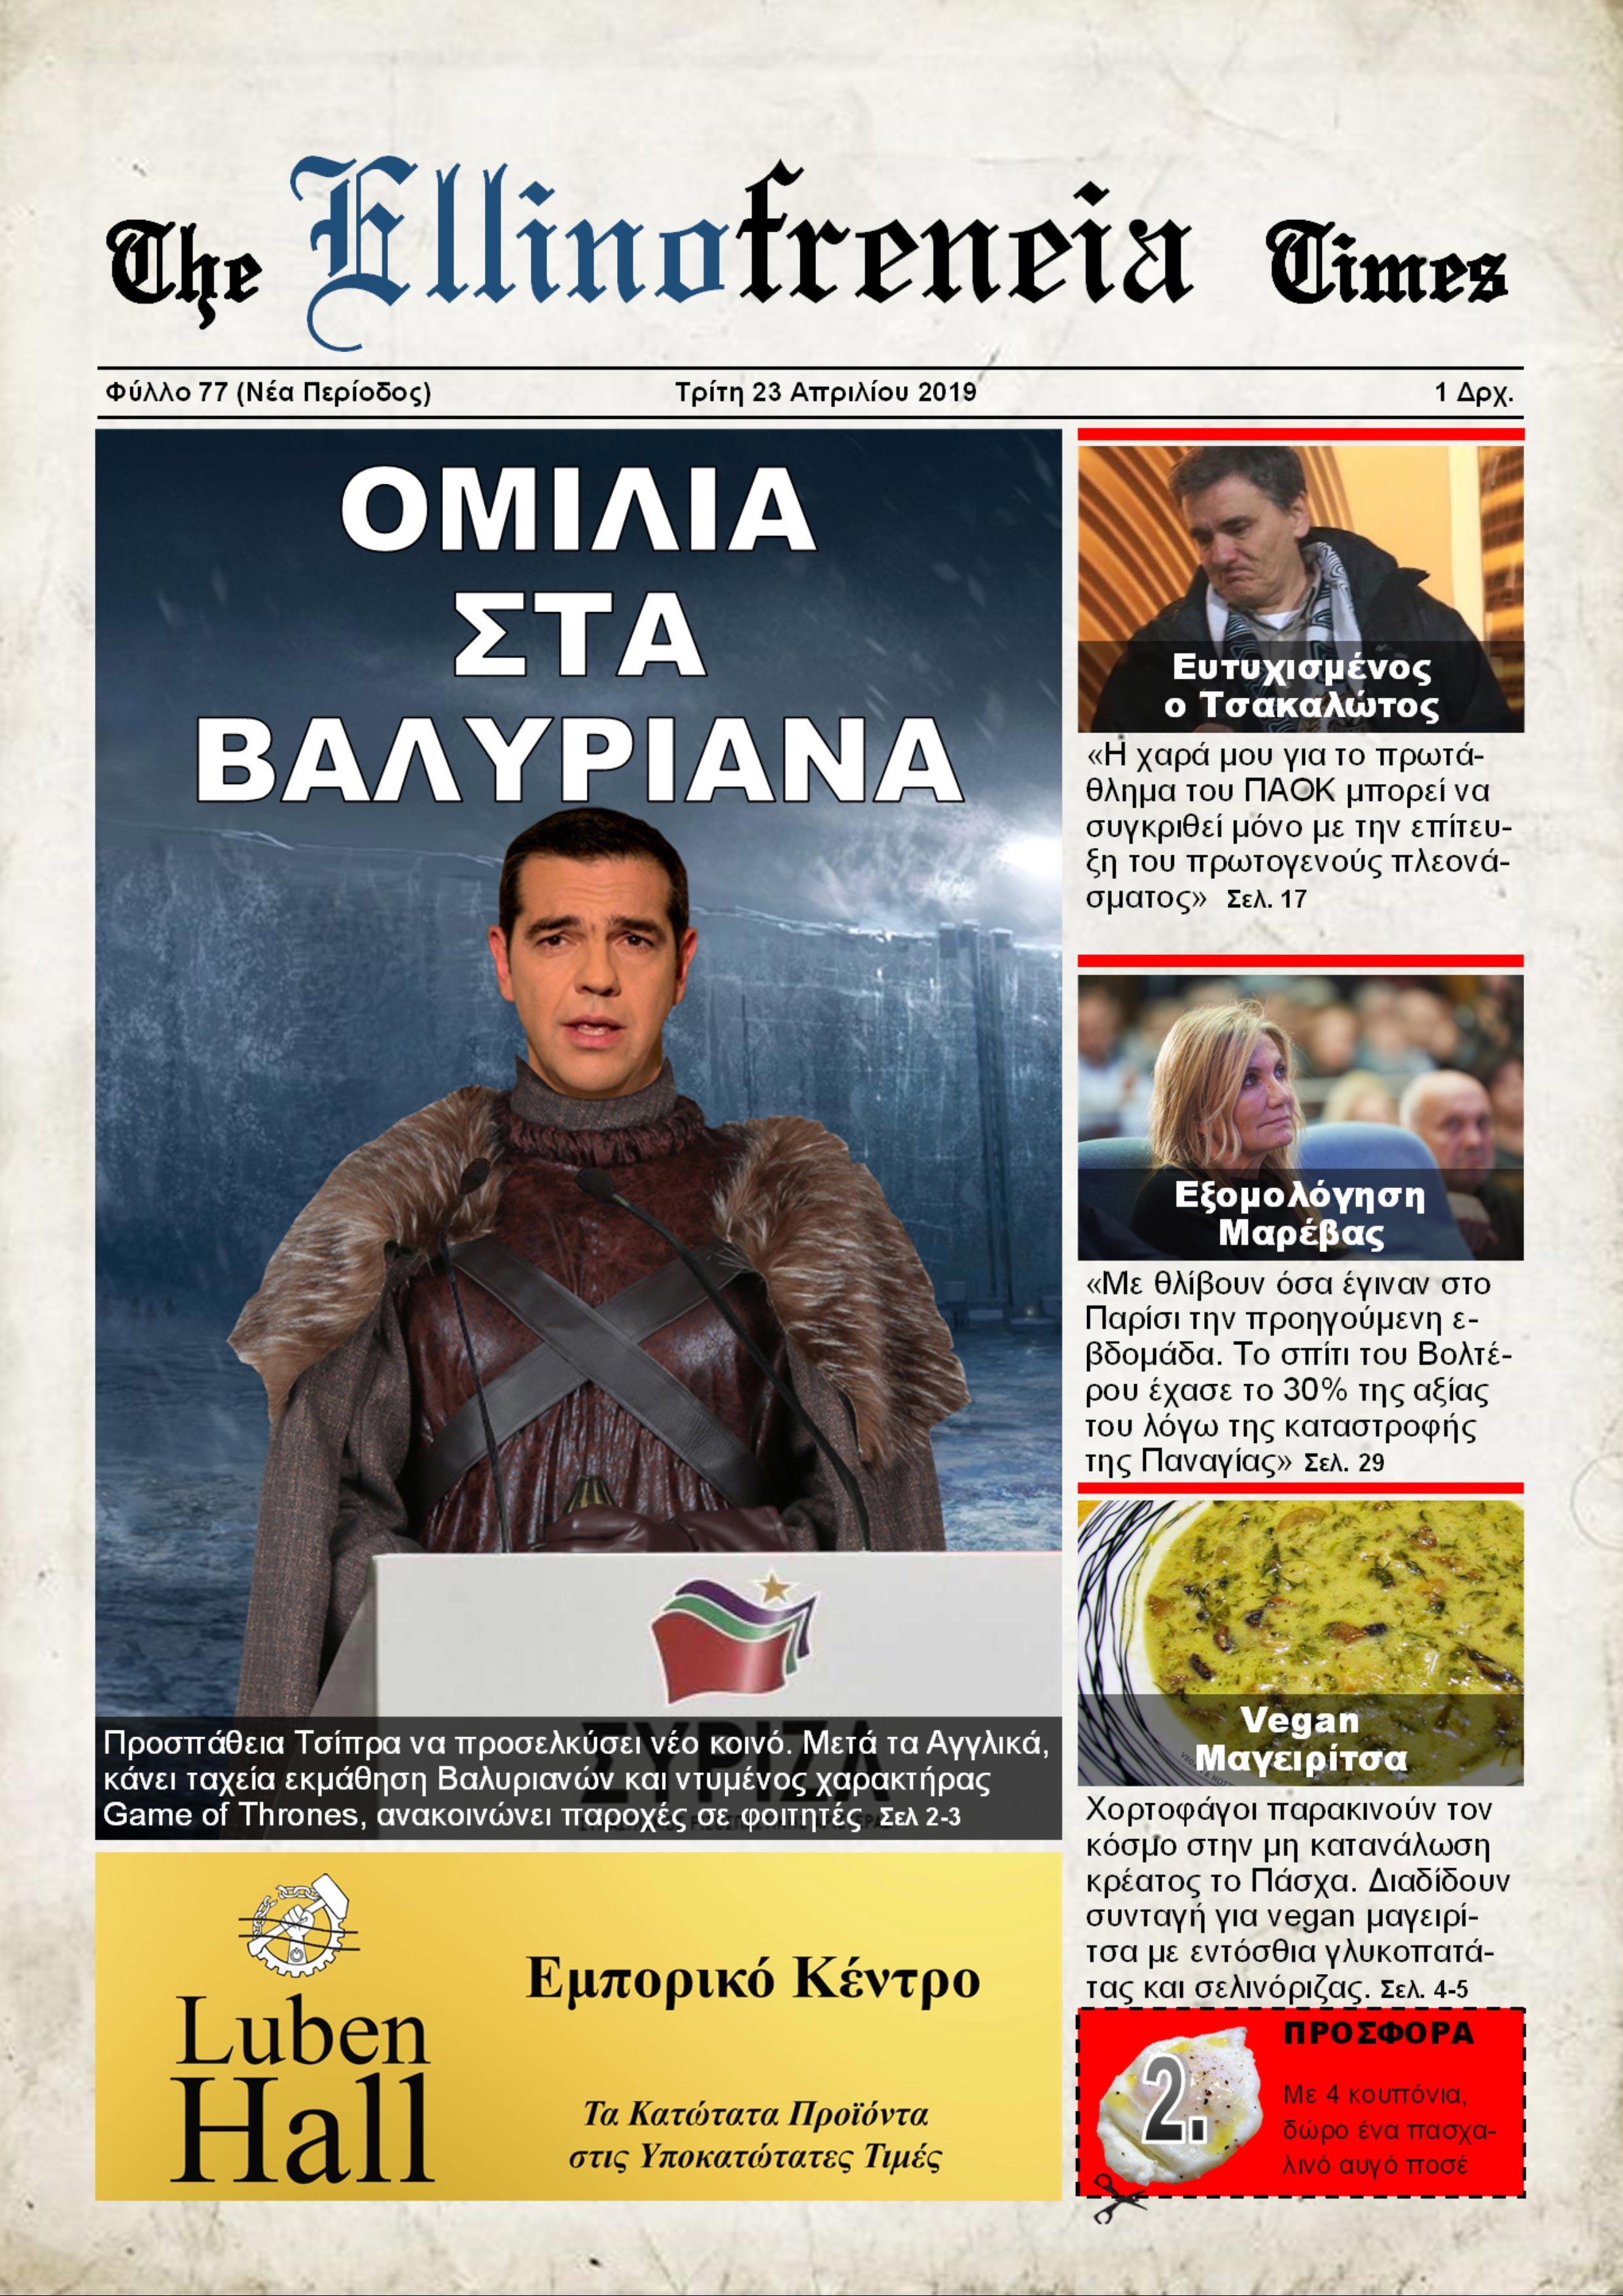 Εφημερίδα, Game of Thrones, ΠΑΟΚ, Μαρέβα